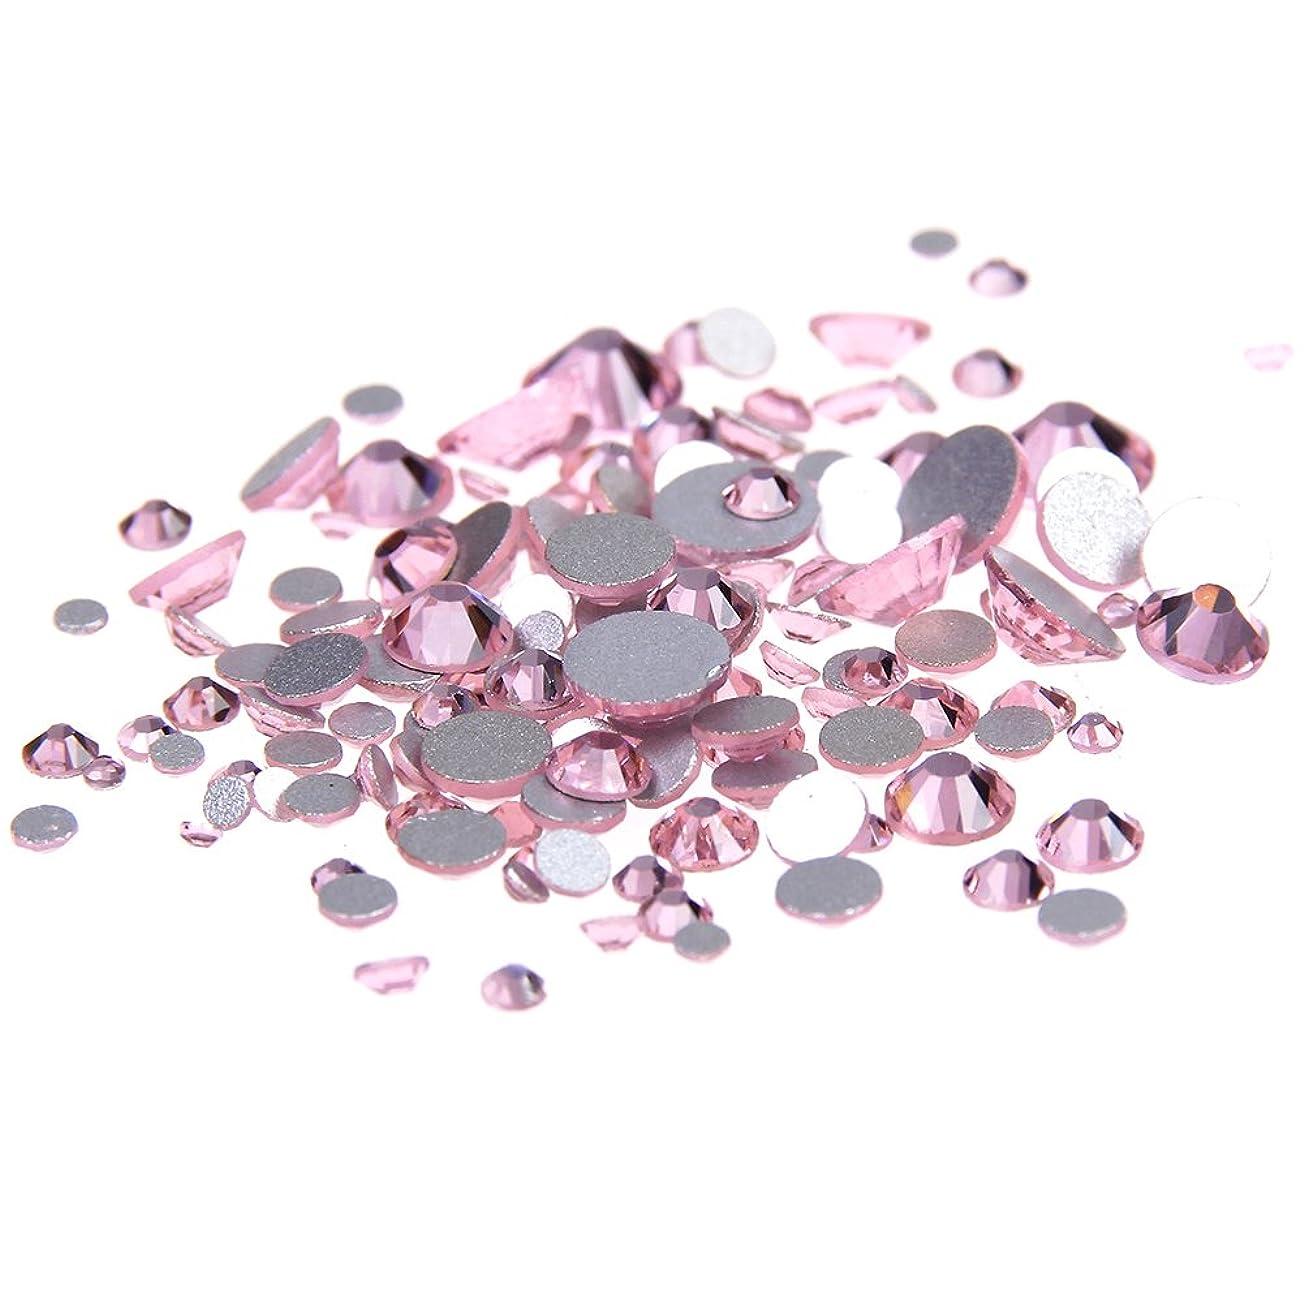 貧困はちみつカップNizi ジュエリー ブランド ライトローズ ラインストーン は ガラスの材質 ネイル使用 型番ss3-ss34 (SS4 1440pcs)